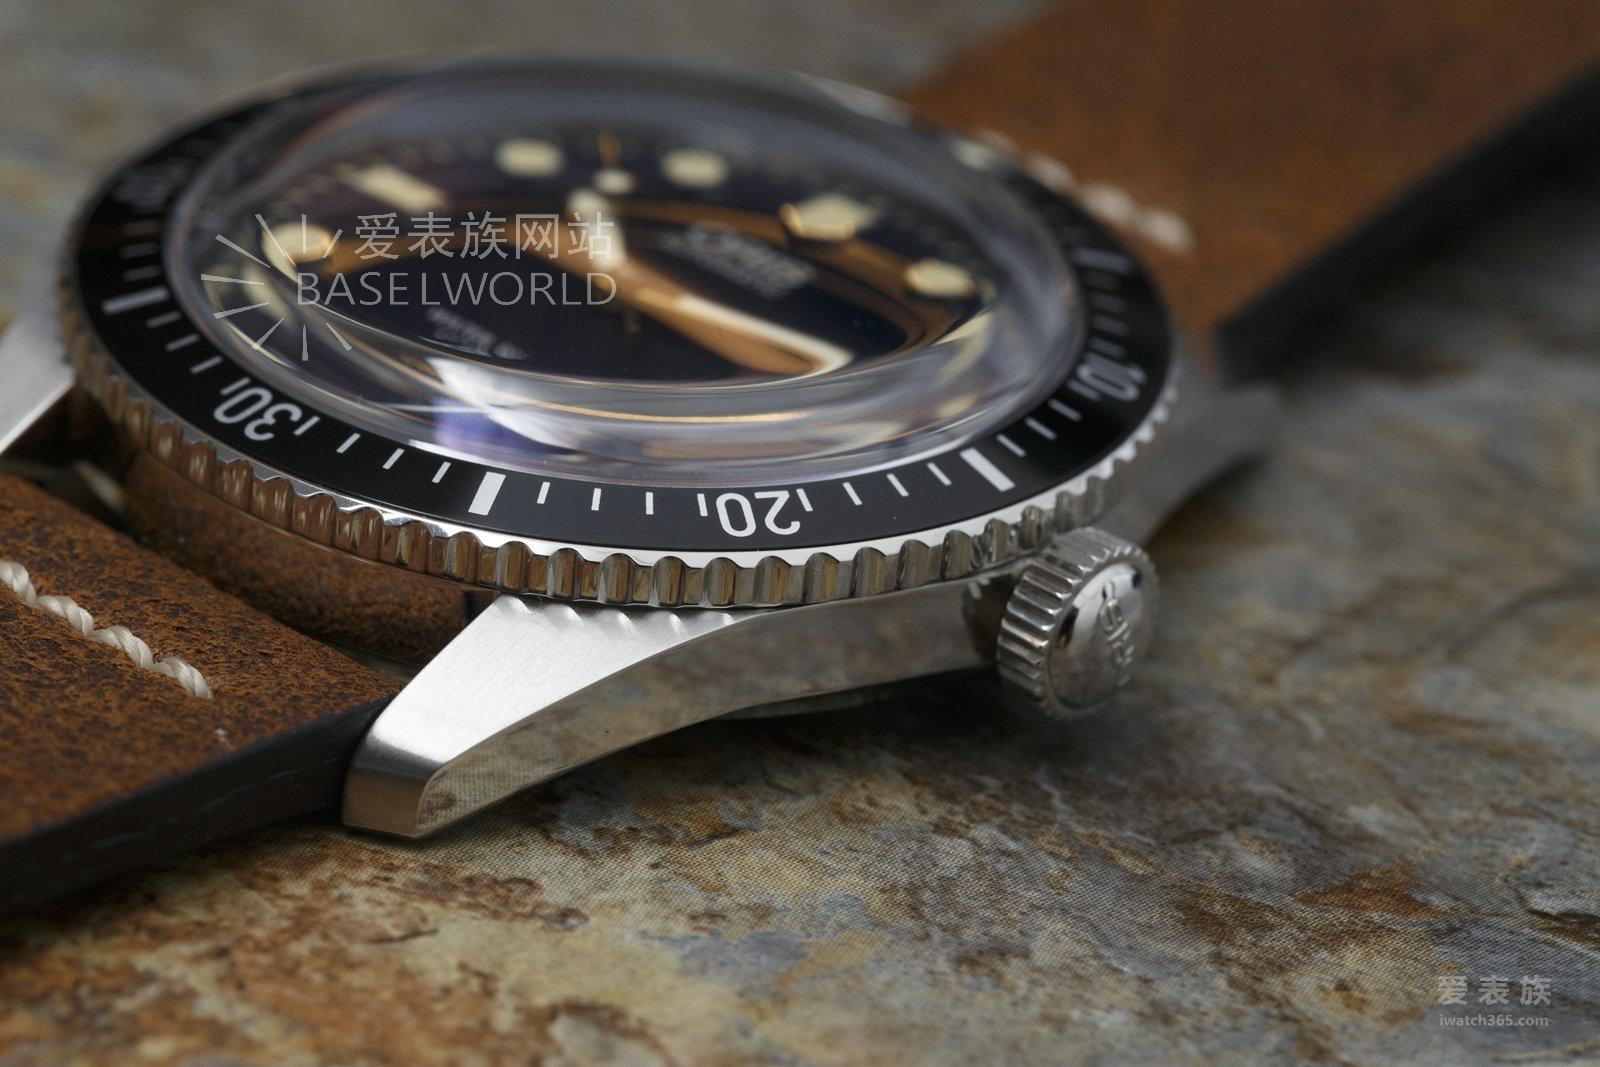 爱表评测——豪利时潜水系列Sixty-Five 42mm腕表